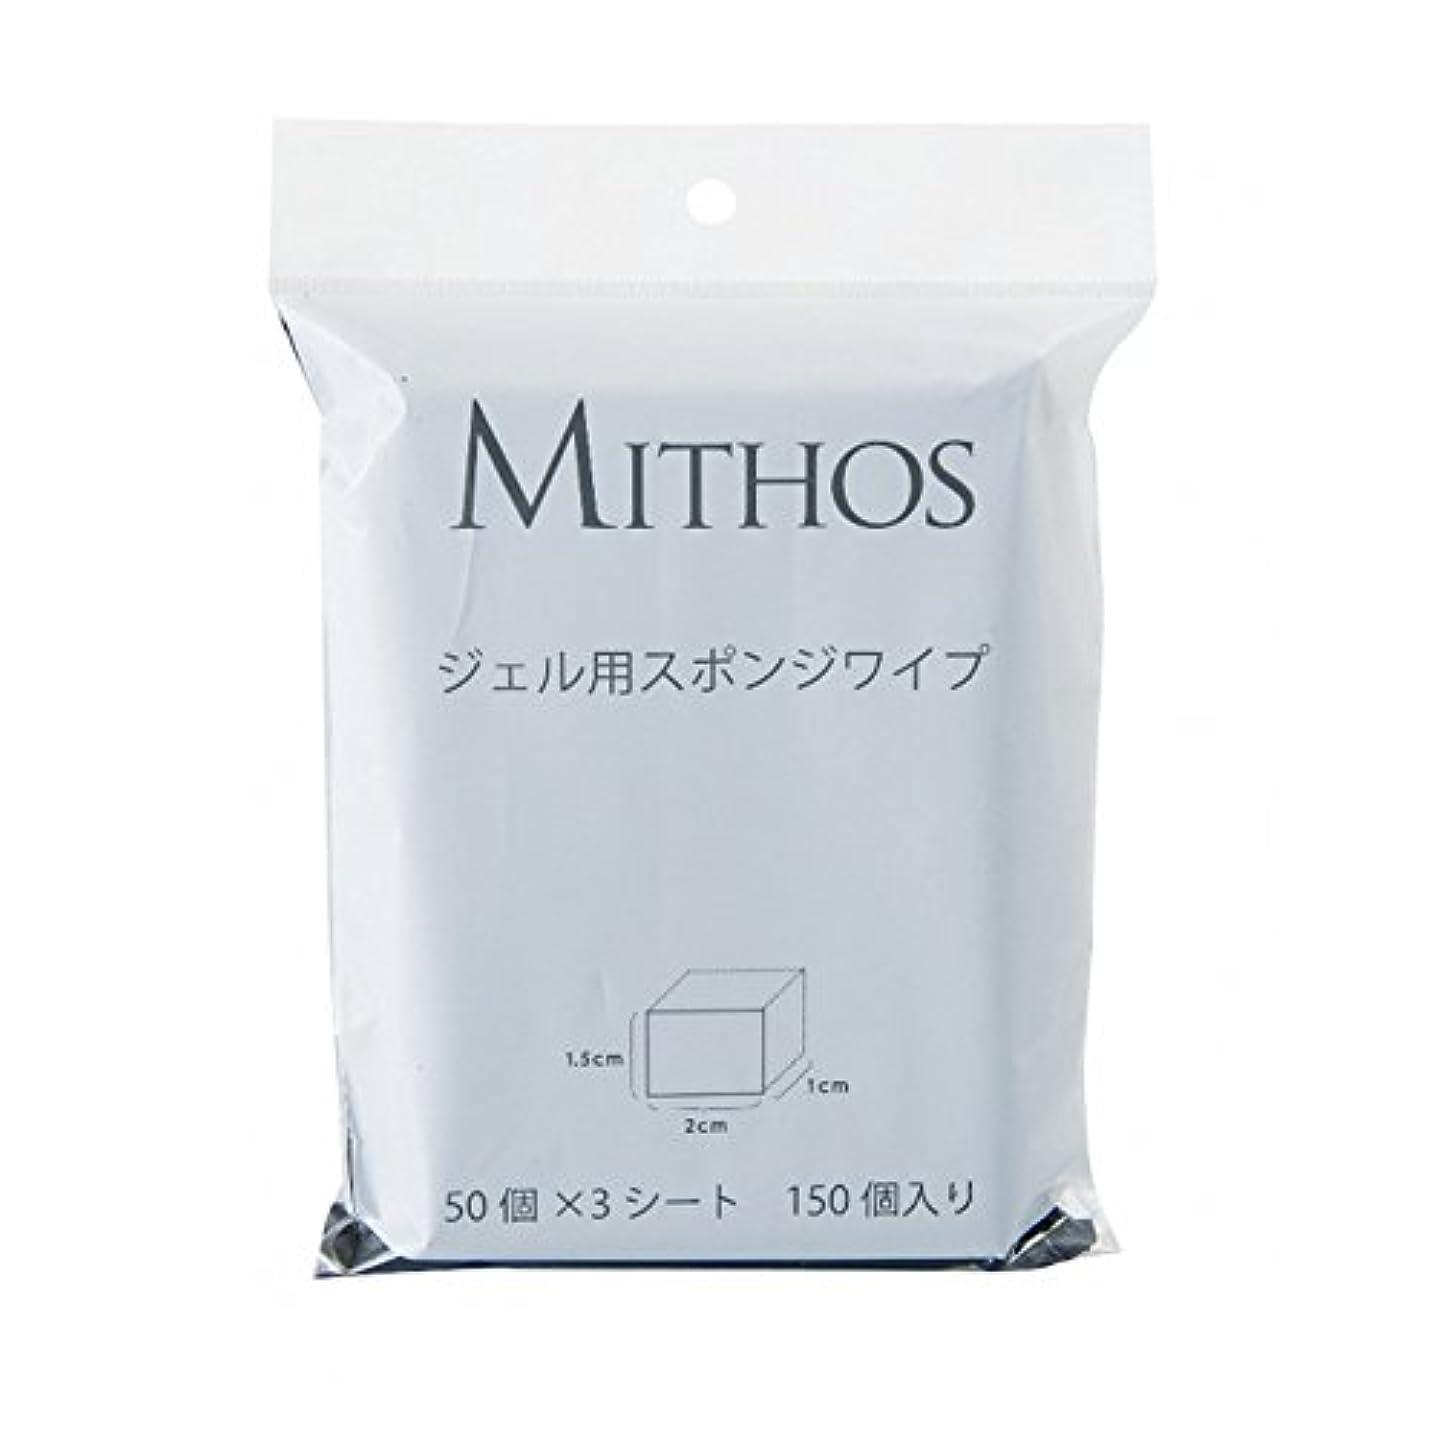 応じるインシュレータ宴会MITHOS ジェル用スポンジワイプ 150P 1.5×2×1cm 50個×3シート